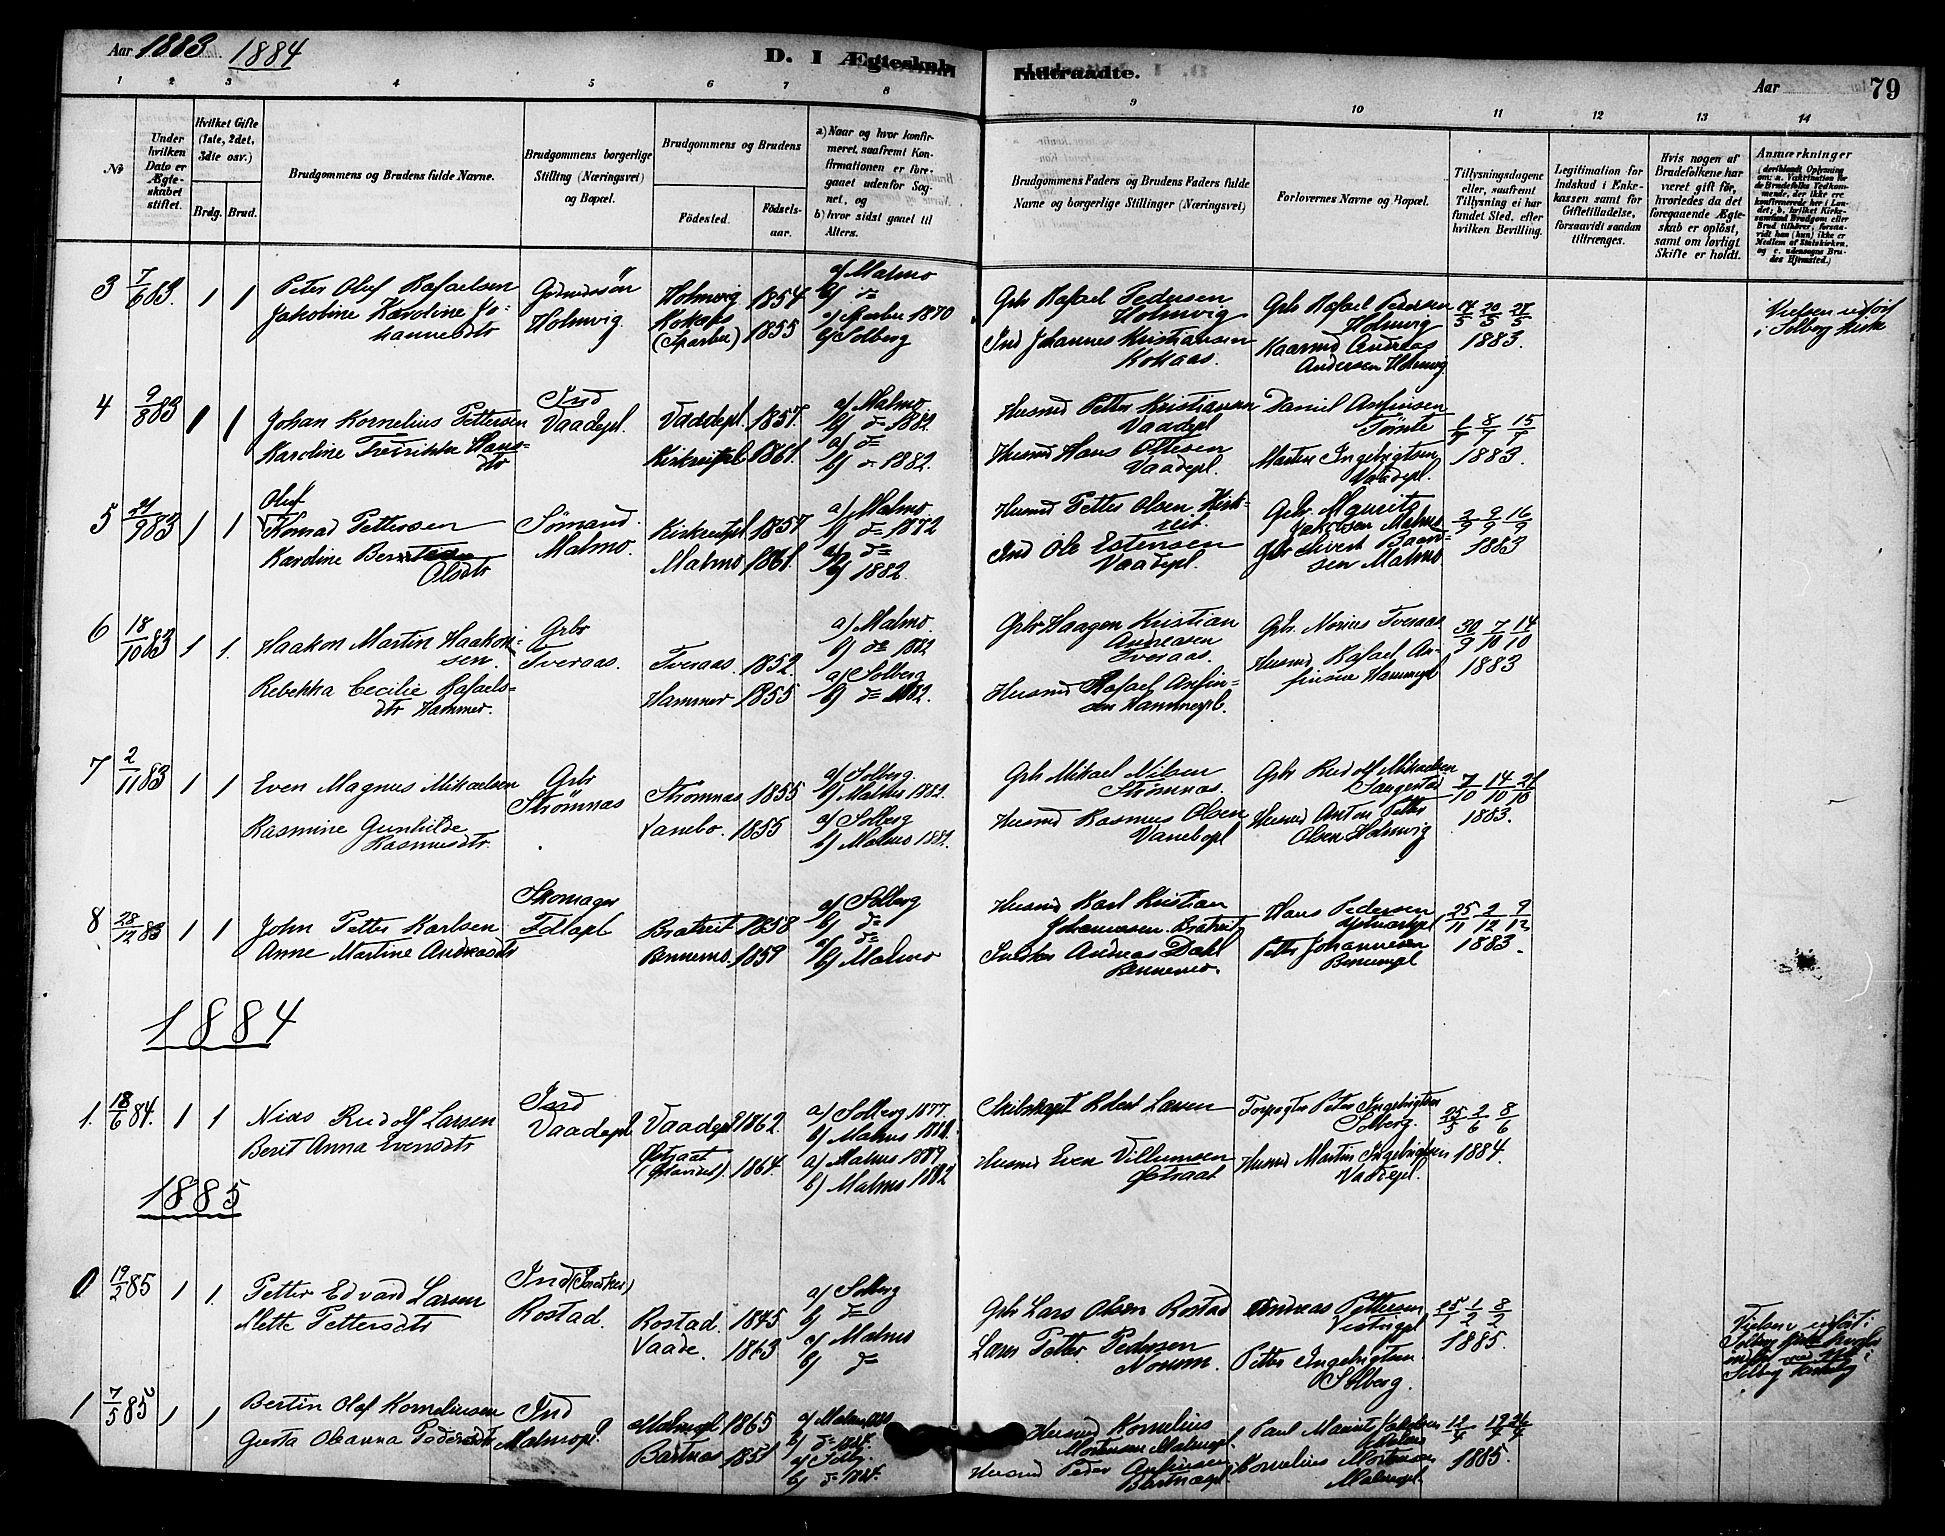 SAT, Ministerialprotokoller, klokkerbøker og fødselsregistre - Nord-Trøndelag, 745/L0429: Ministerialbok nr. 745A01, 1878-1894, s. 79